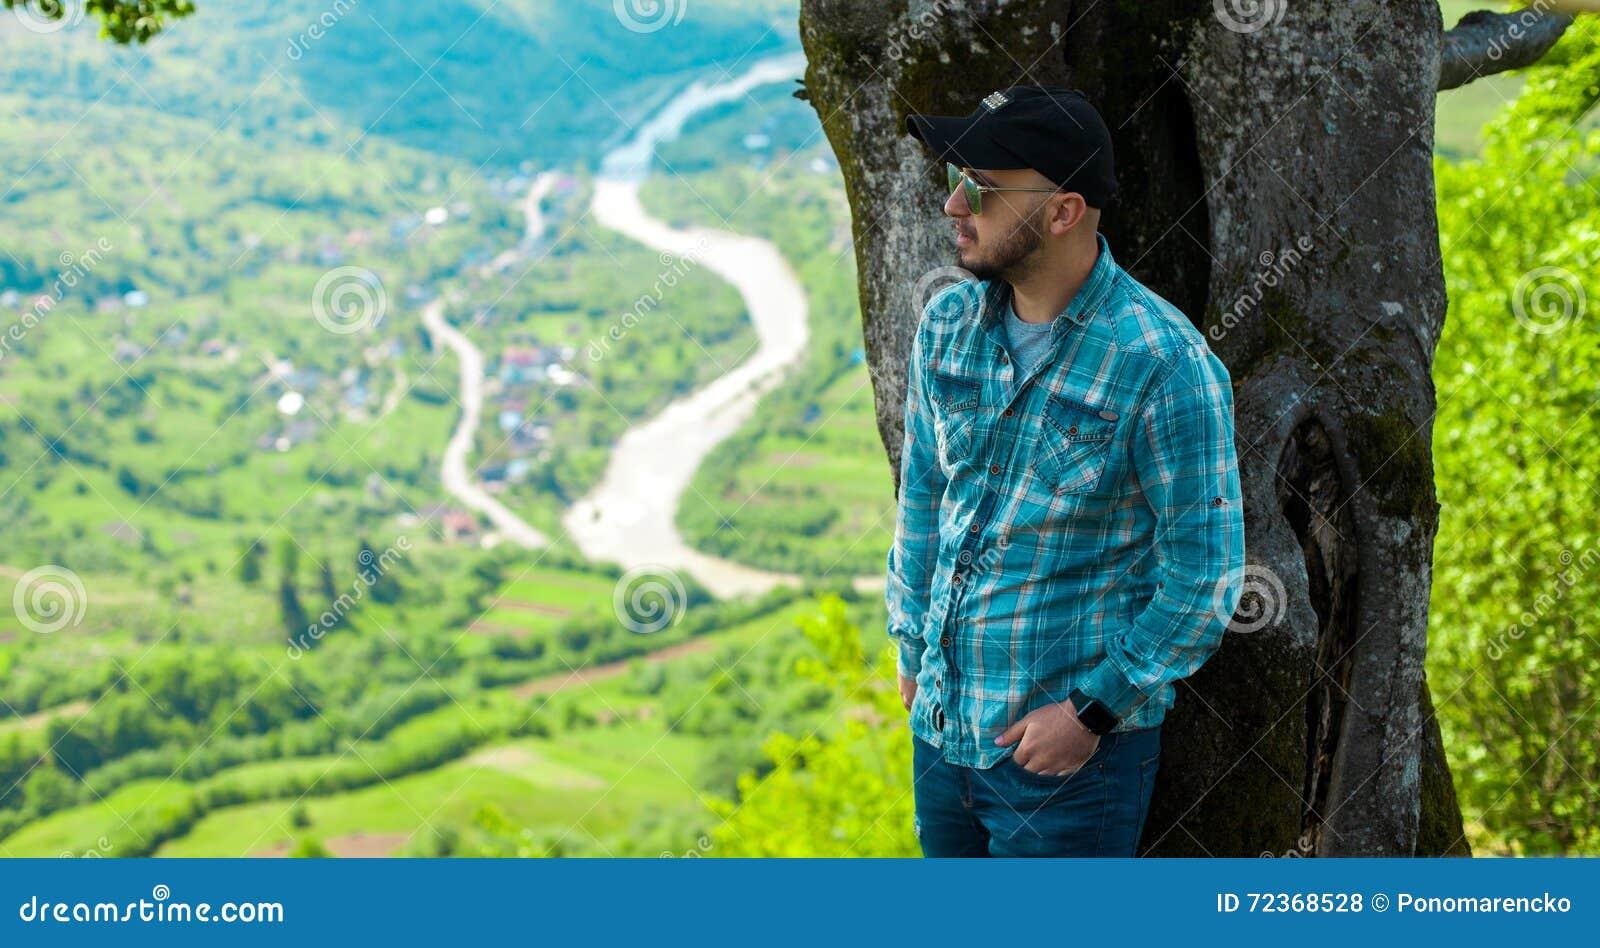 摆在与山的太阳镜的人从后面环境美化